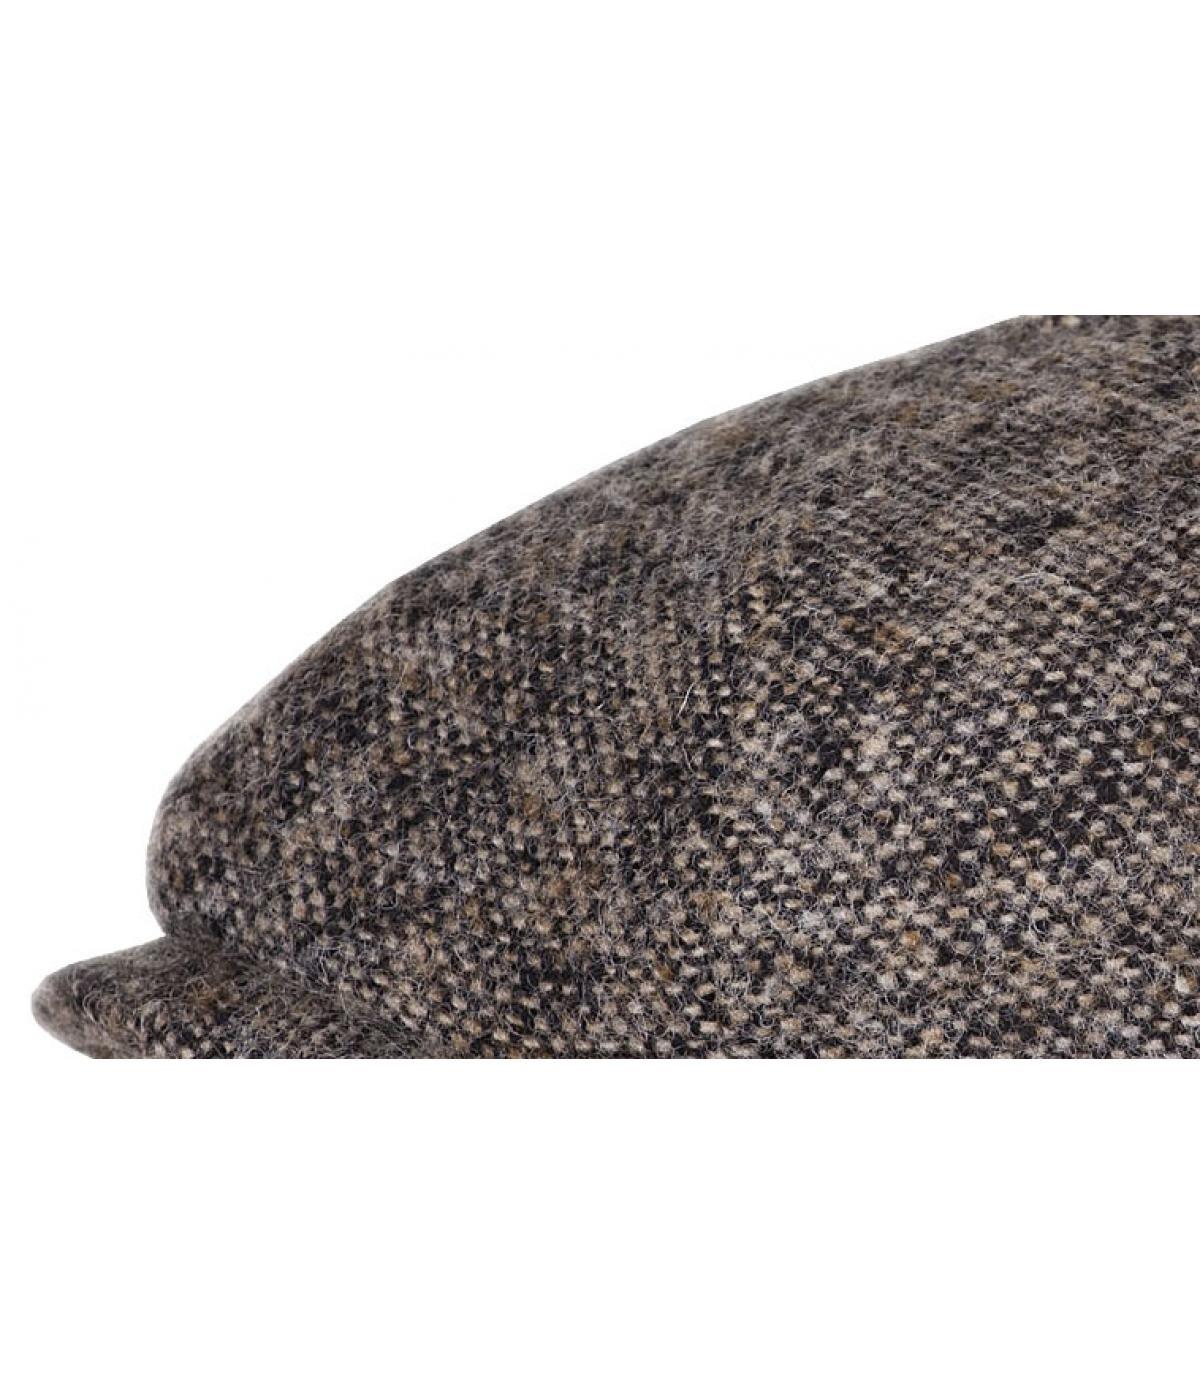 Détails Hatteras Donegal laine brown - image 2